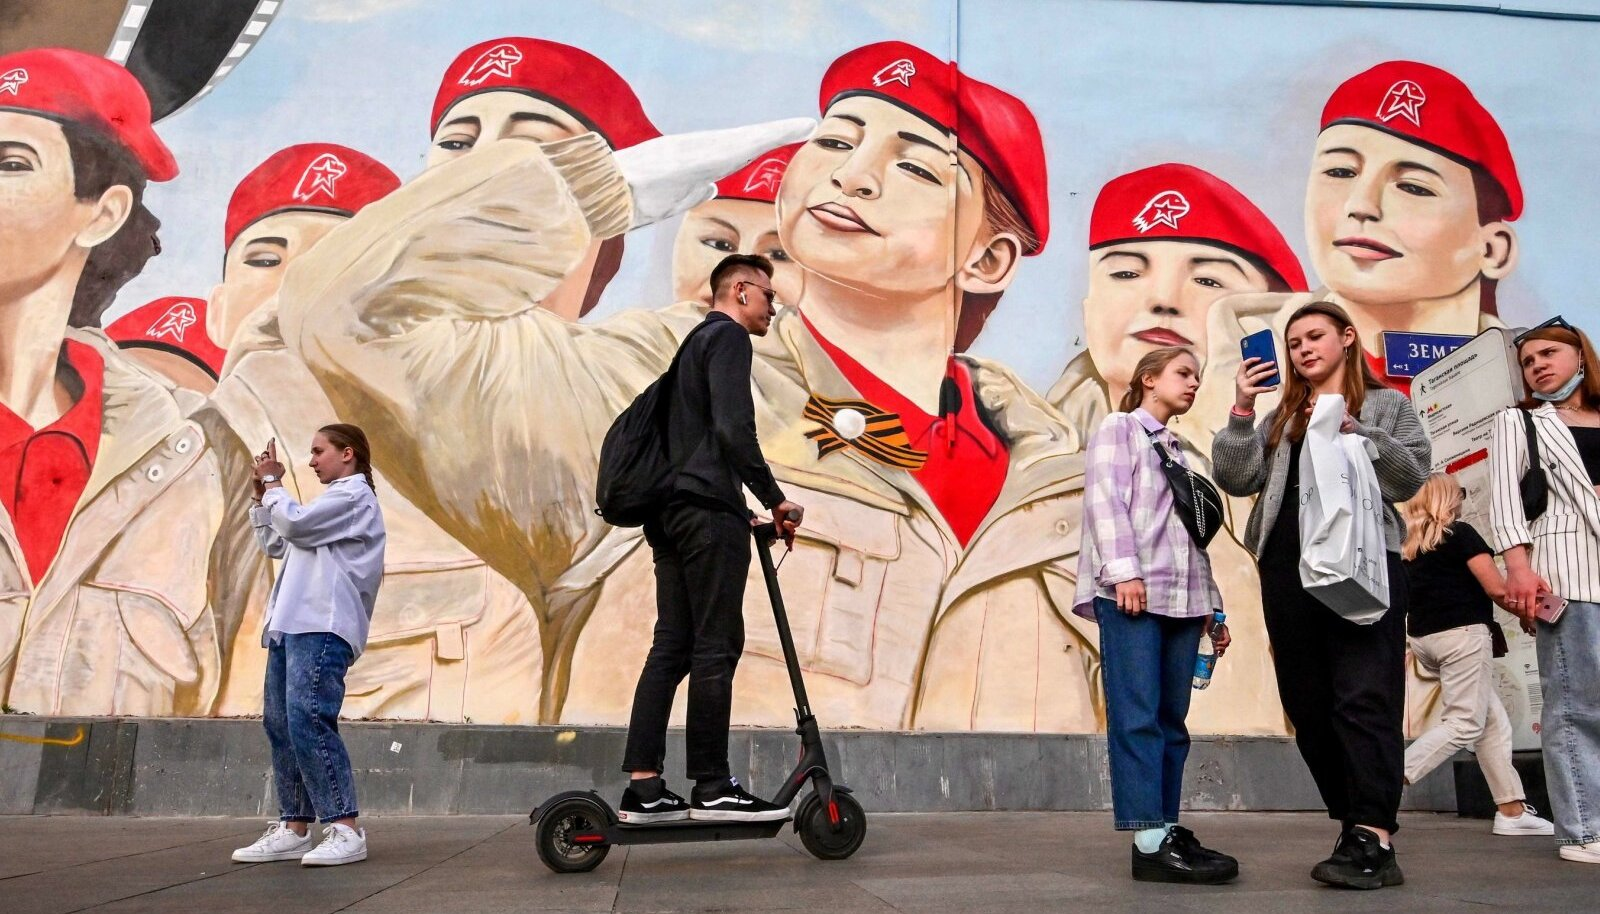 Kremli üks suurimaid muresid enne sügisesi valimisi on küsimus, kuidas saada inimesed hääletama. Pildil on Moskva elanikud sõjalis-patriootlikku noorteliikumist Junarmija kujutava seinamaali taustal.